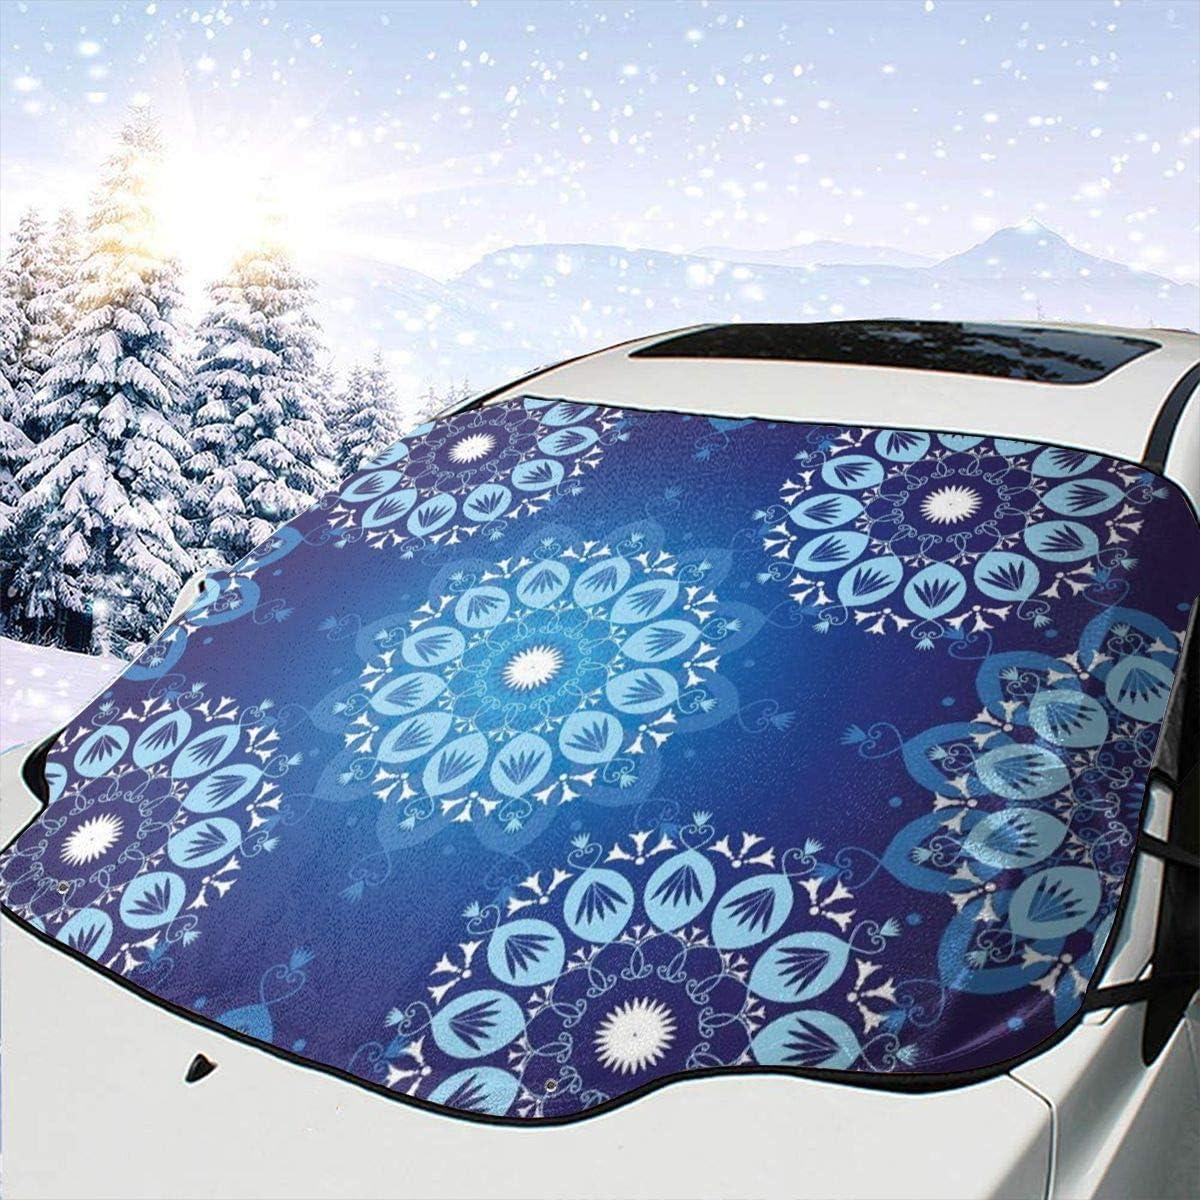 57.9x46.5in Auto Sonnenschutz Guard Cover Vintage-Stil Weihnachtsmuster mit Spitze wie Schneeflocke Motive romantisch Drew Tours Auto Front Fenster Schneedecke